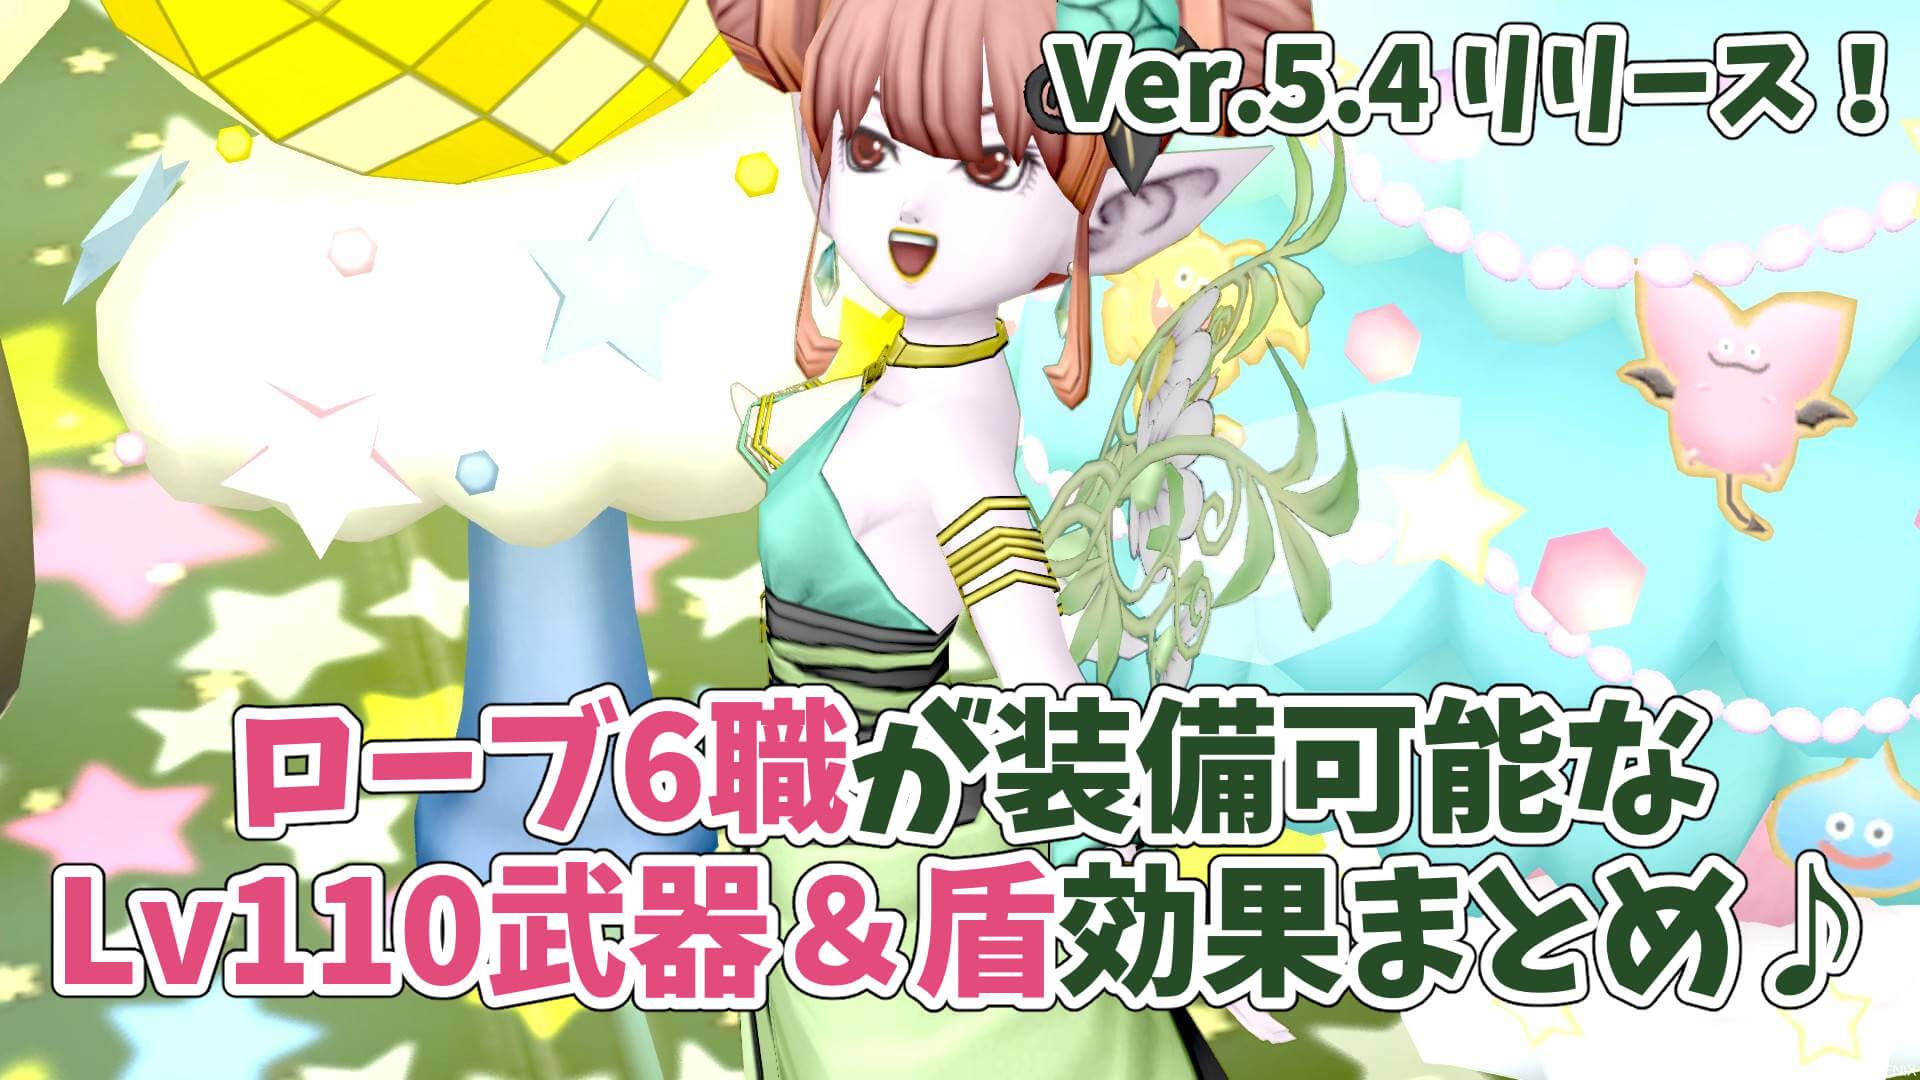 バージョン5.4神の覚醒アプデ情報超DQXTV新武器110